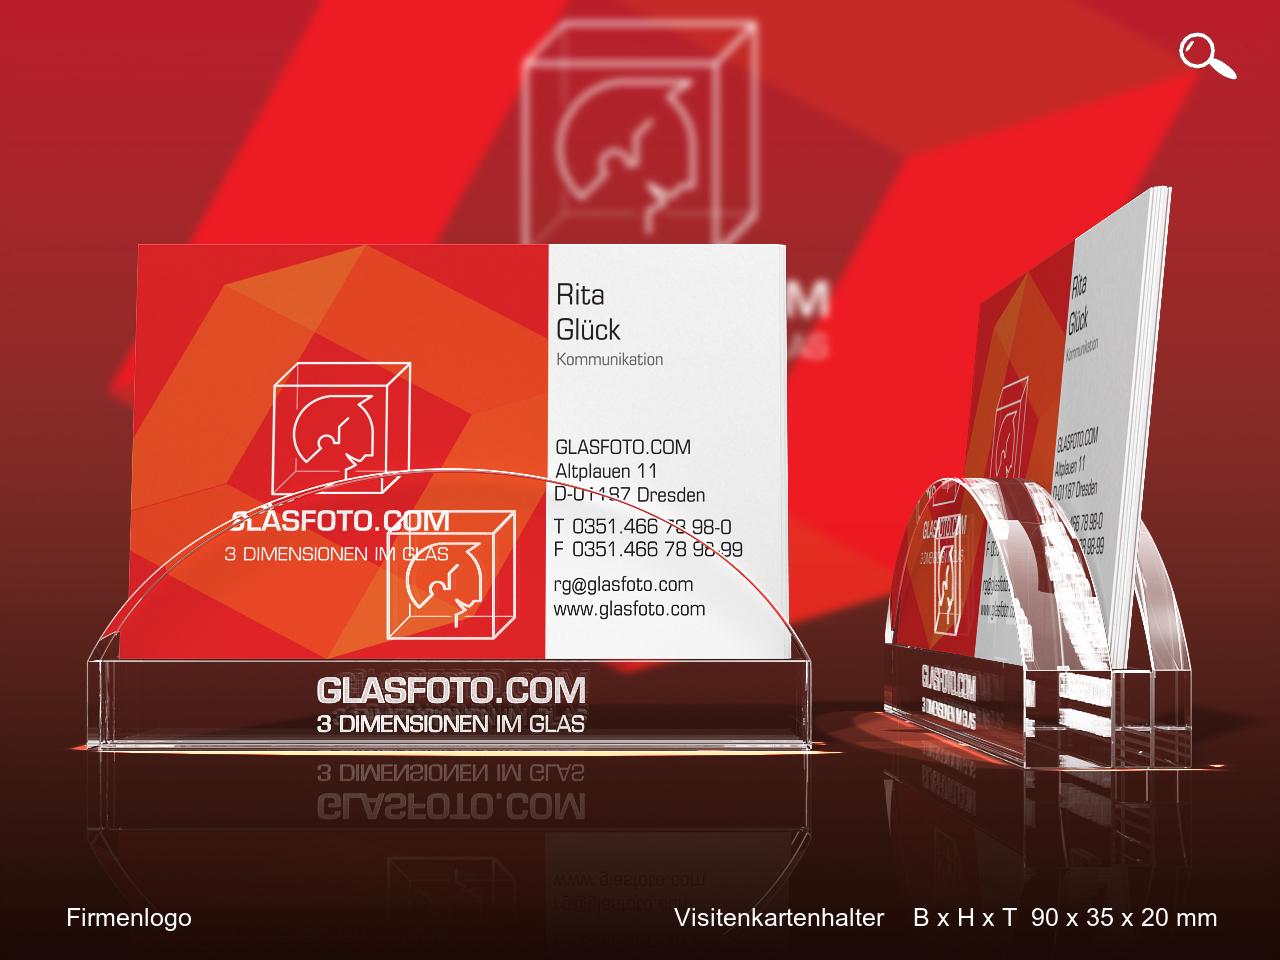 Visitenkartenhalter Mit Logo Von Glasfoto Com